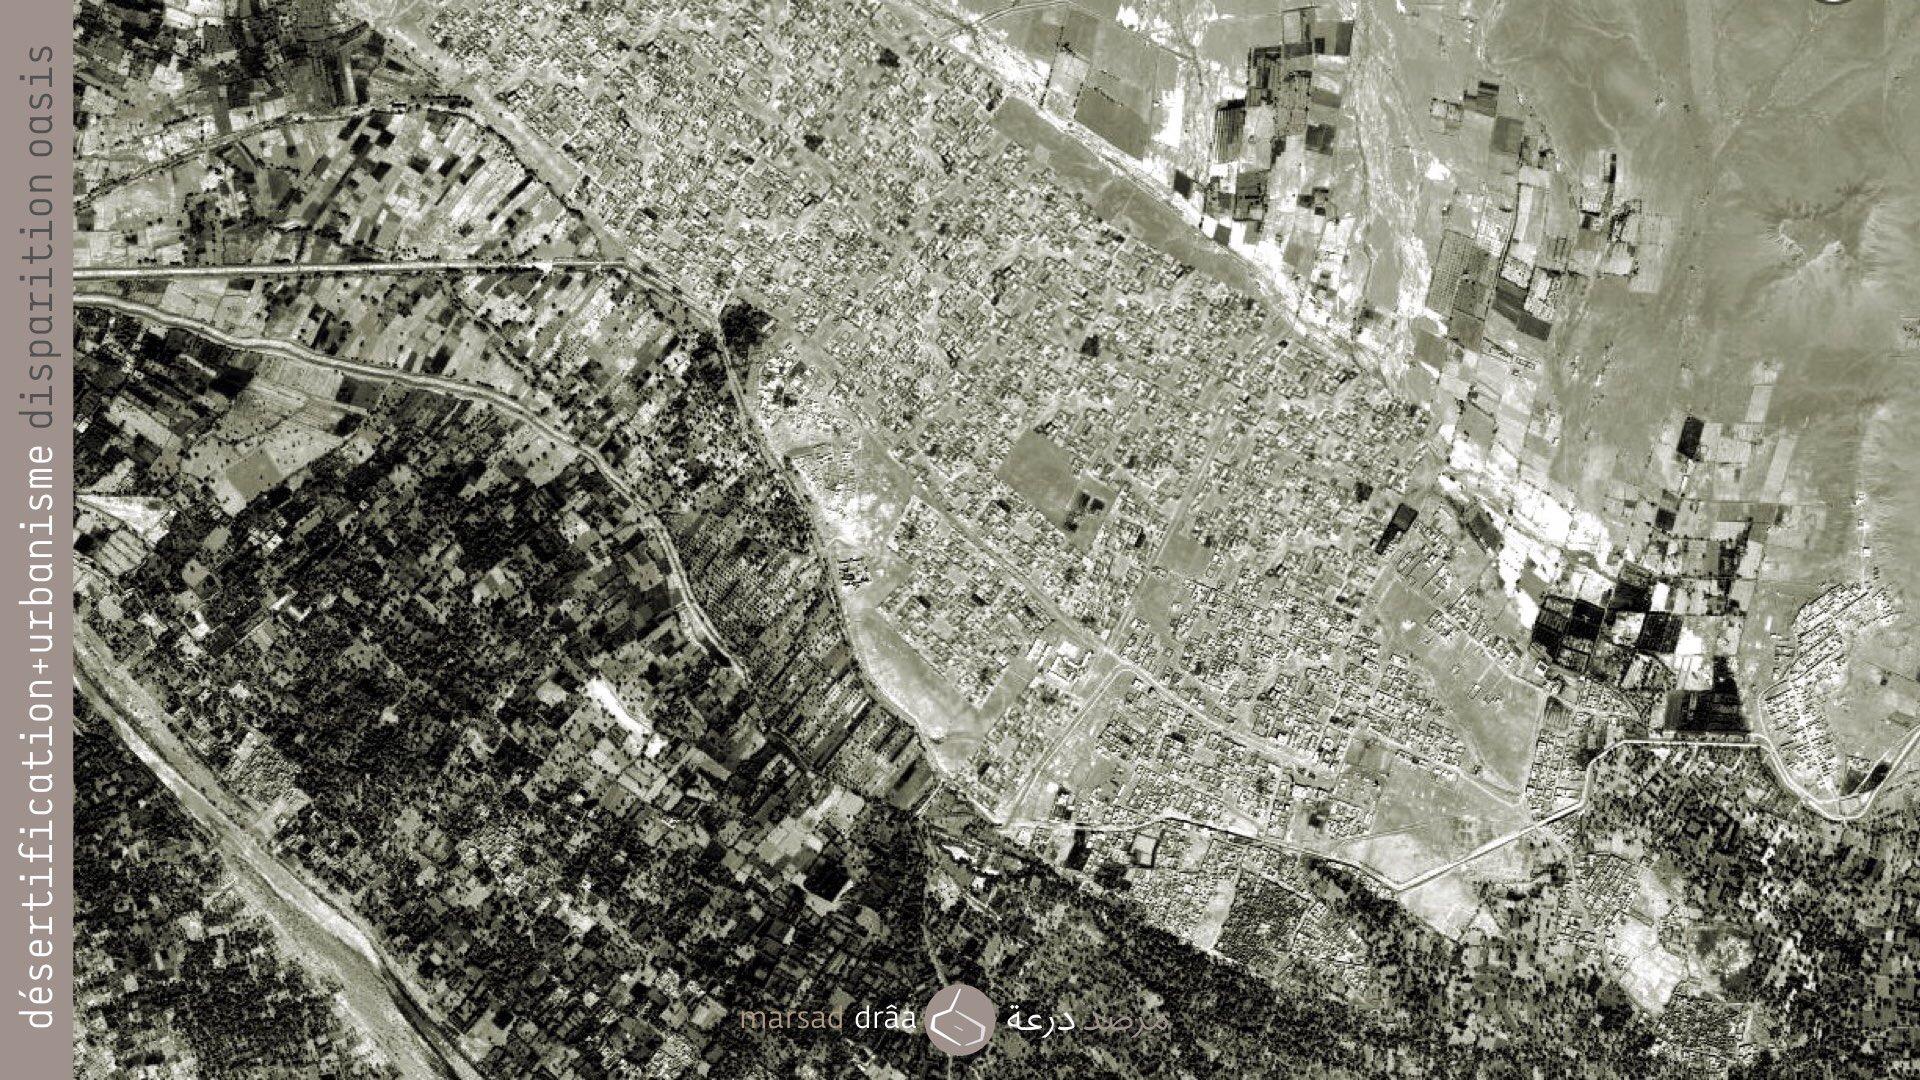 26. et non pas comme si des quartiers de Rabat ou Casqblanca s'agissait.